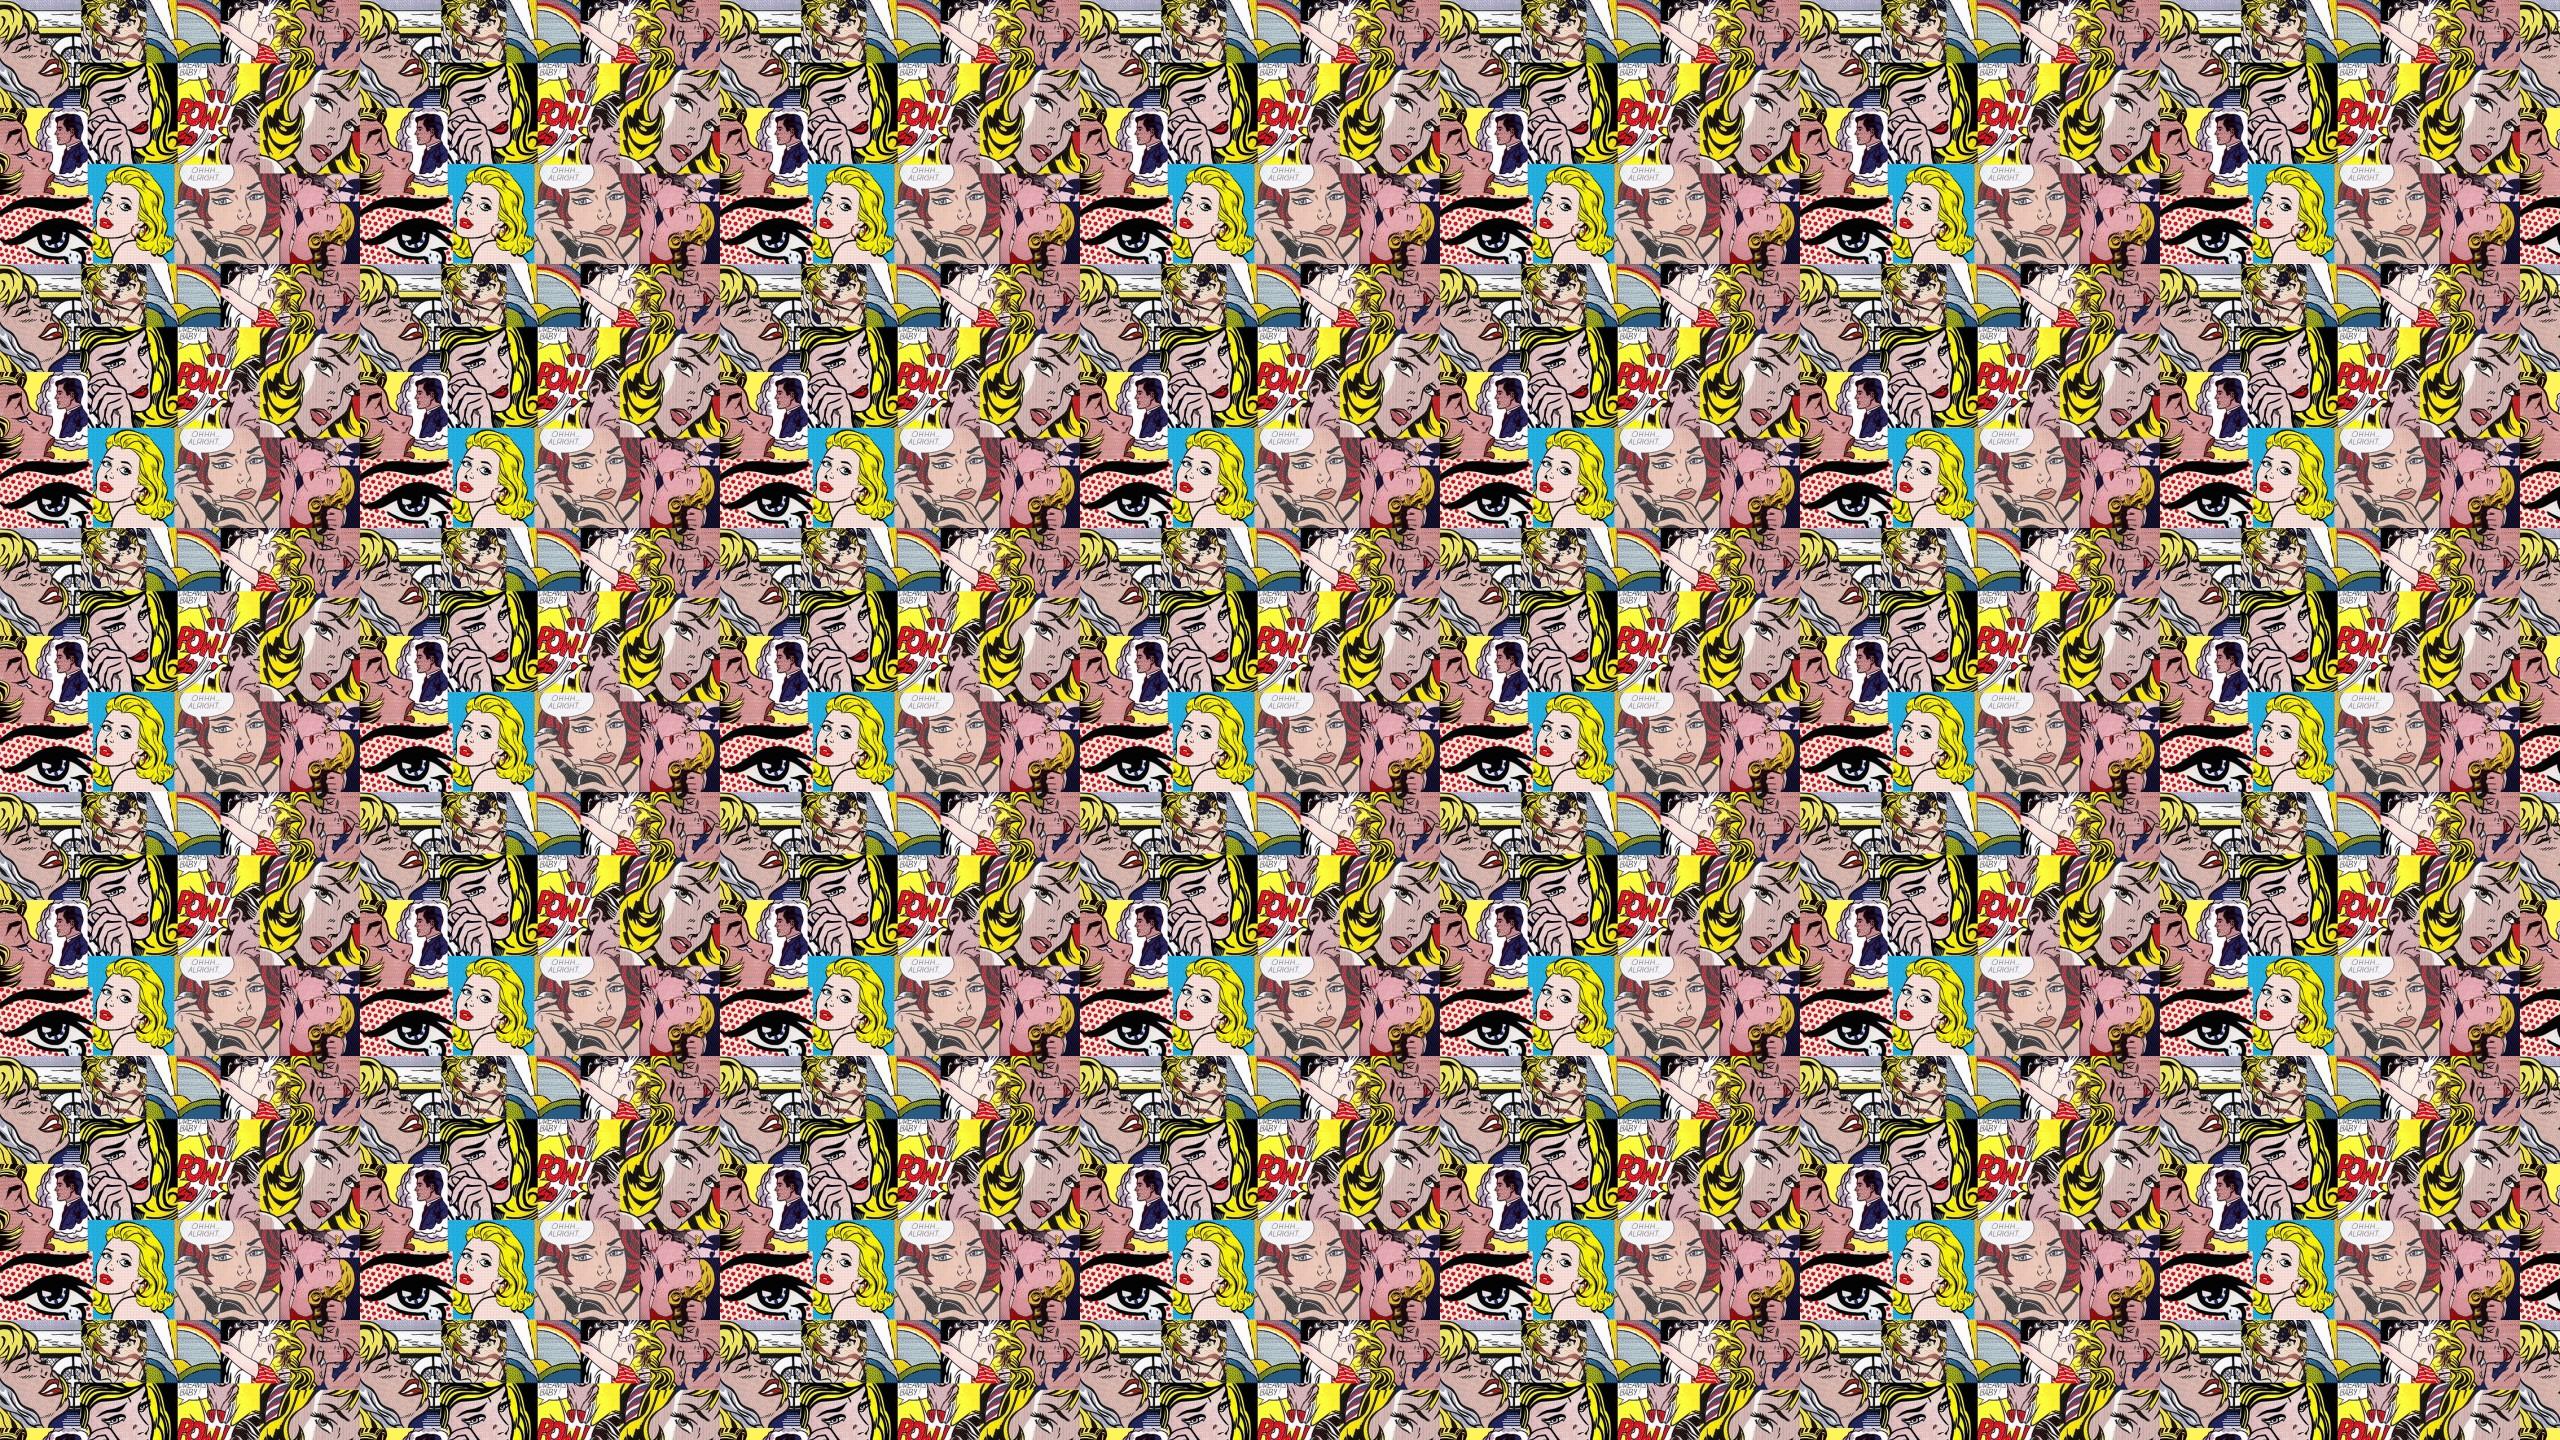 Art Pop Wallpaper Wallpapers Desktop - Art Pop - HD Wallpaper